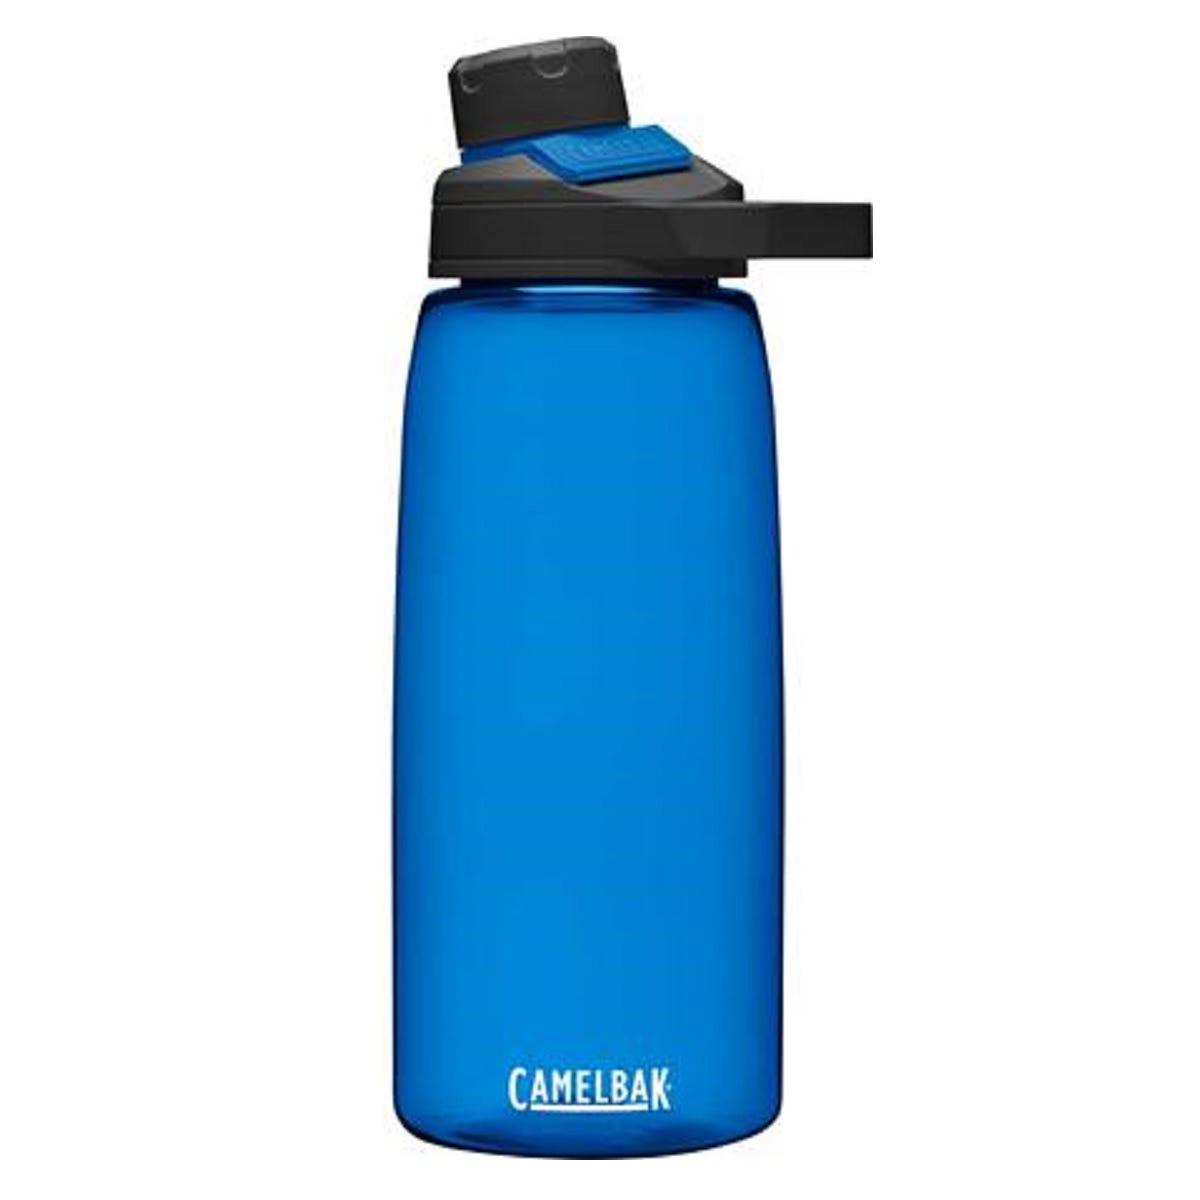 CamelBak® Chute® Botella de agua con imán, 946.35 mL en azul oxford